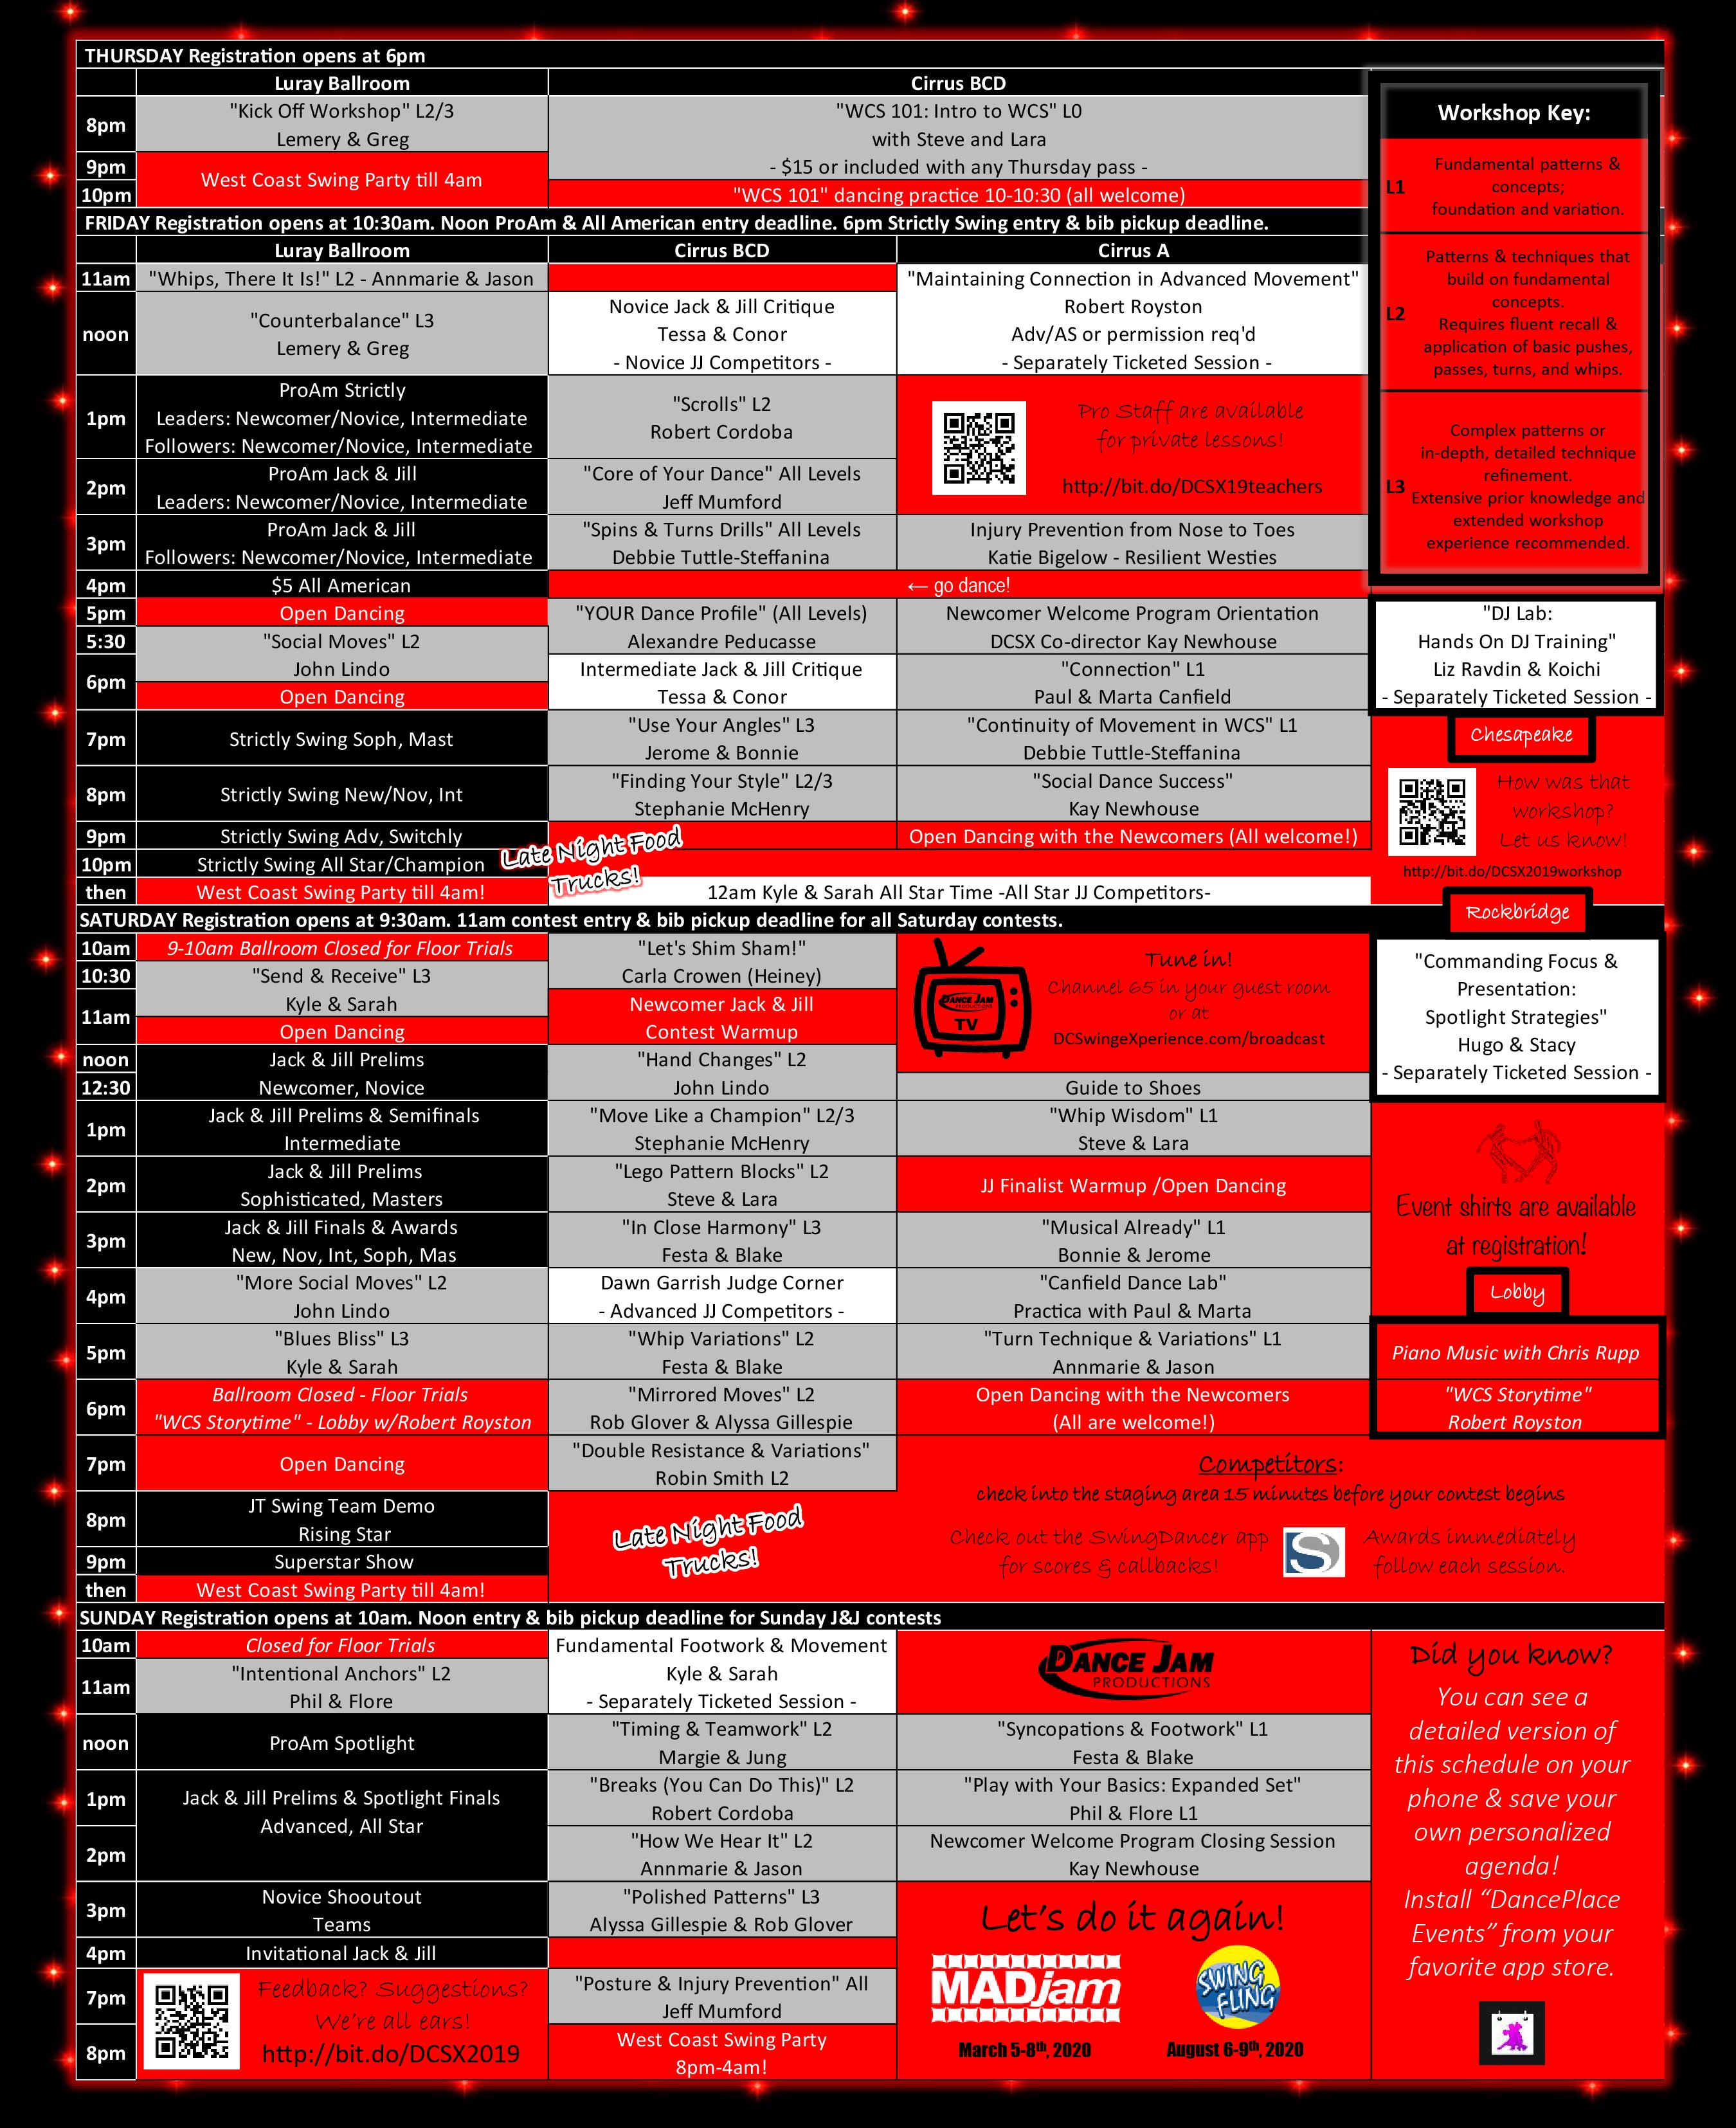 schedule_art